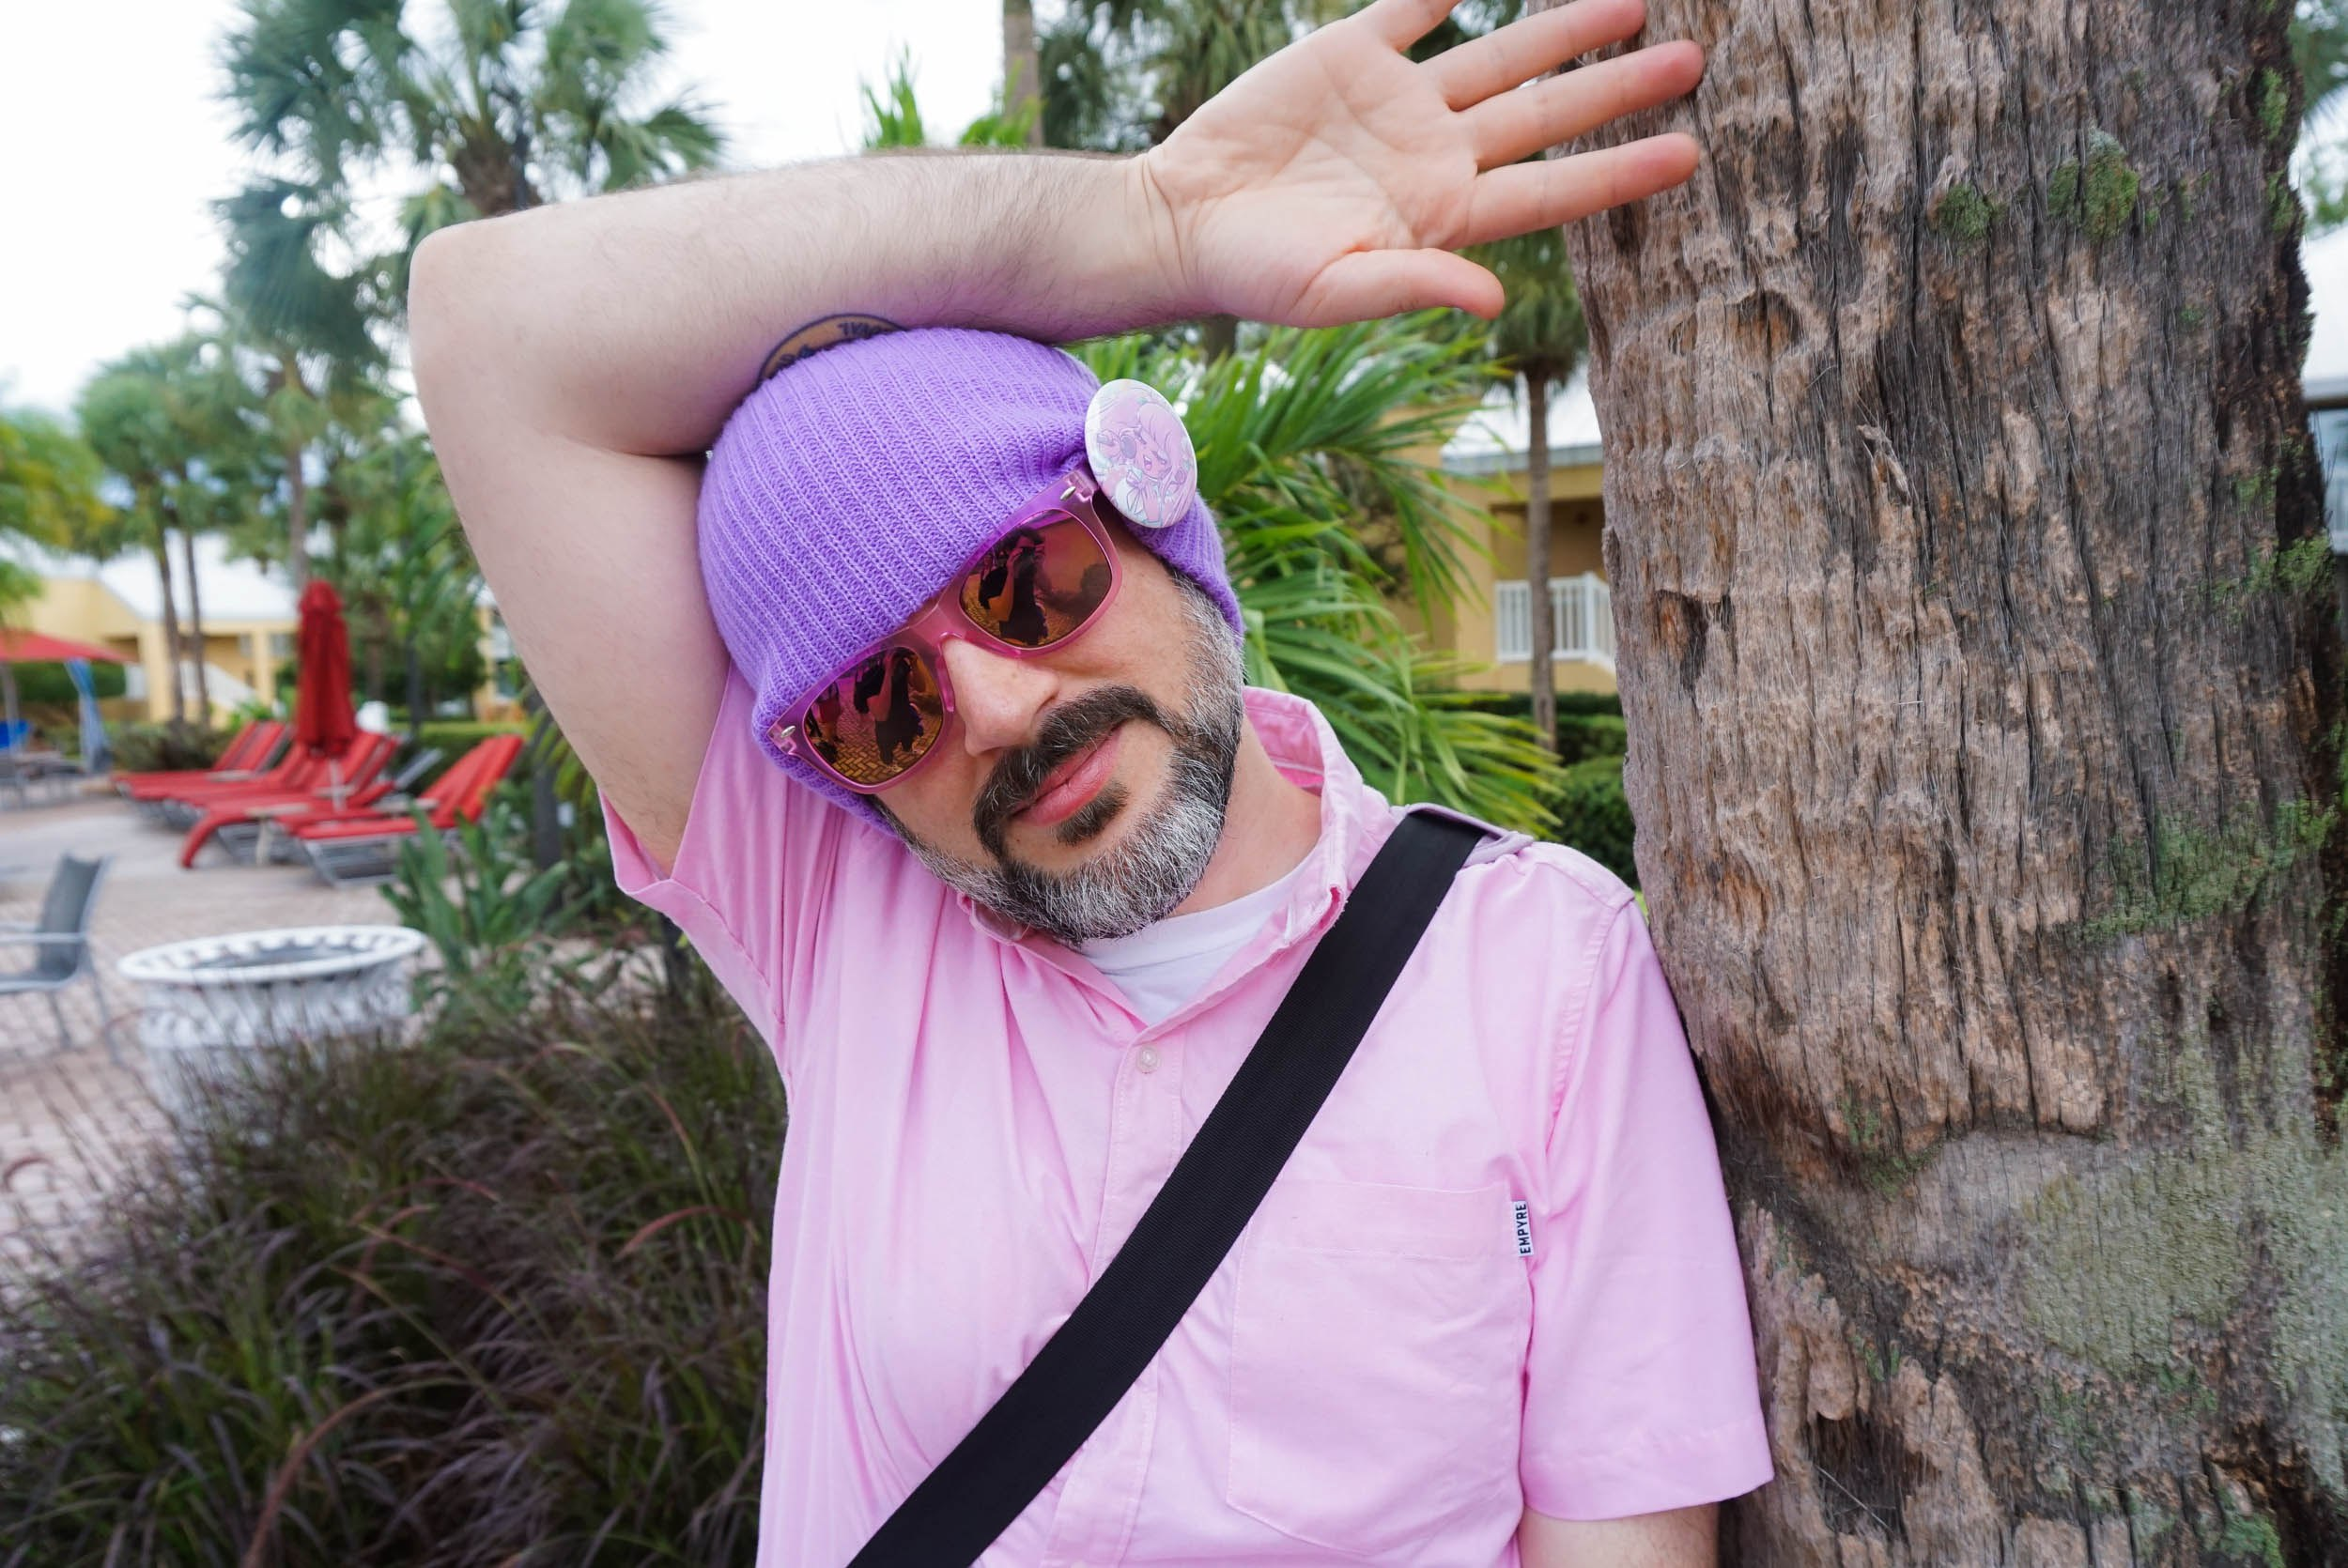 Kira Kira Pop Interview   Orlando Music Blog Interview Art Central Florida   The Vinyl Warhol